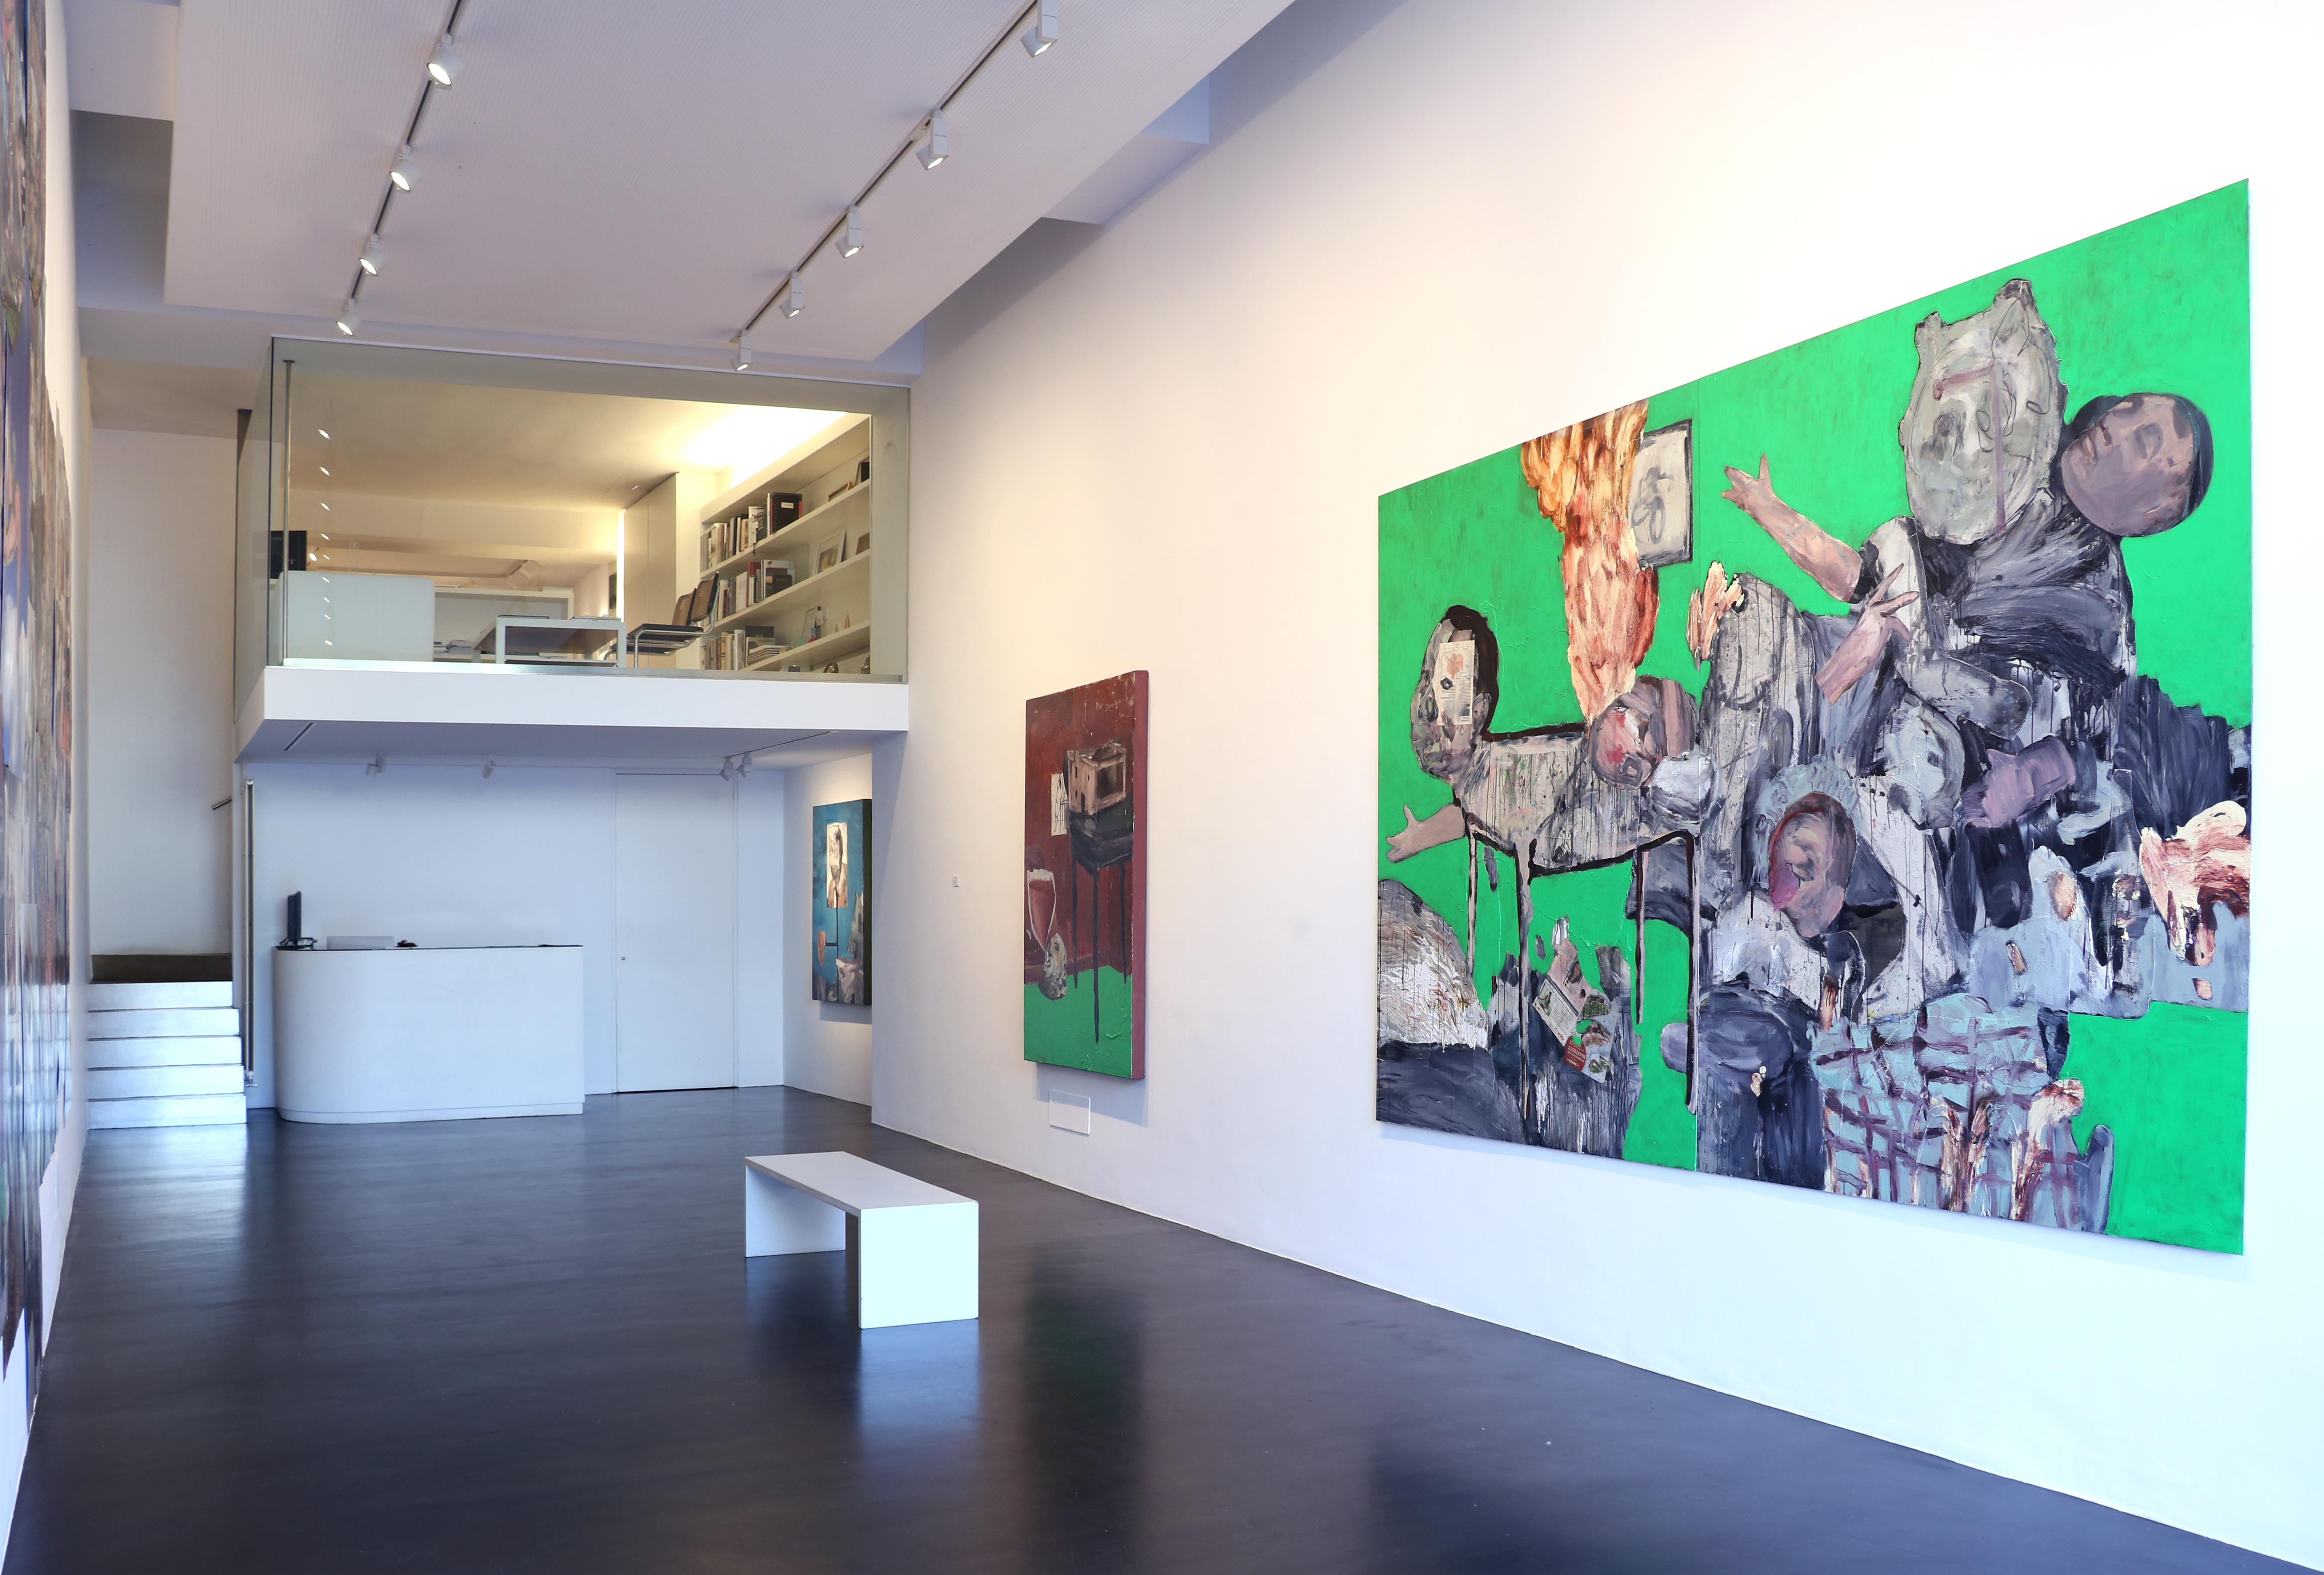 Michele Bubacco, veduta della mostra F**k-simile, Alessandro Casciaro Art Gallery